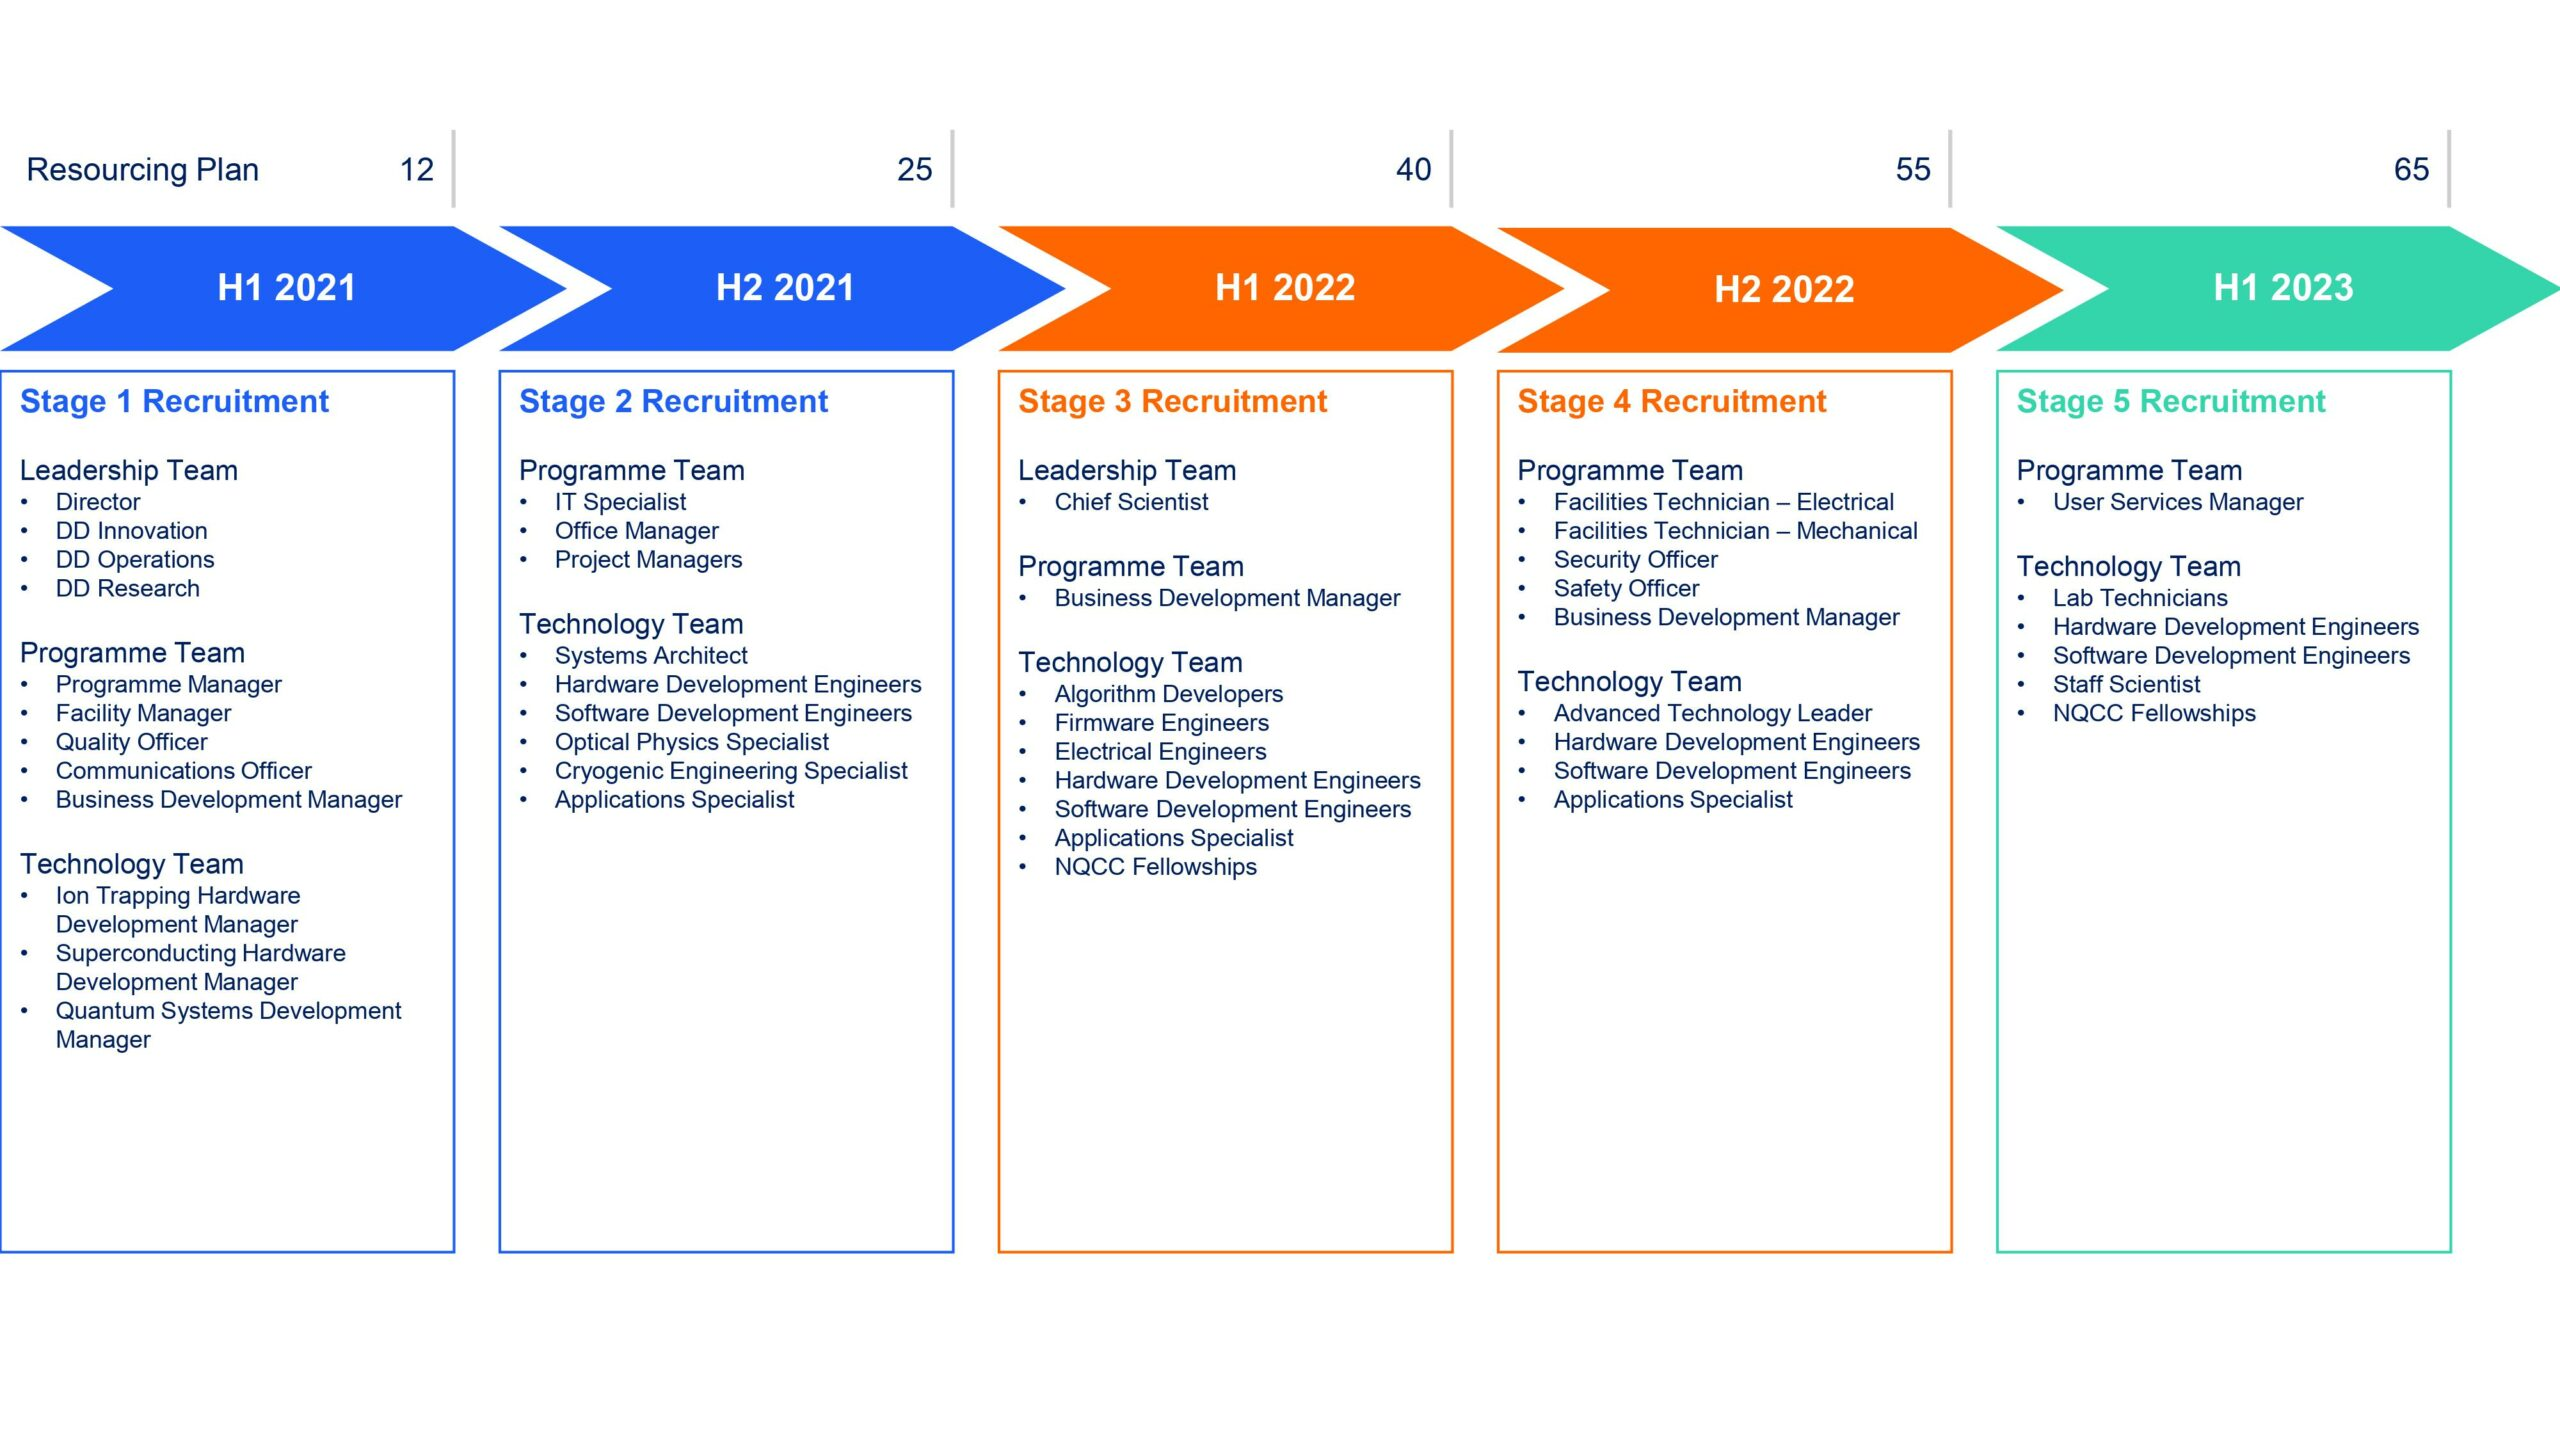 NQCC recruitment roadmap - April 2021